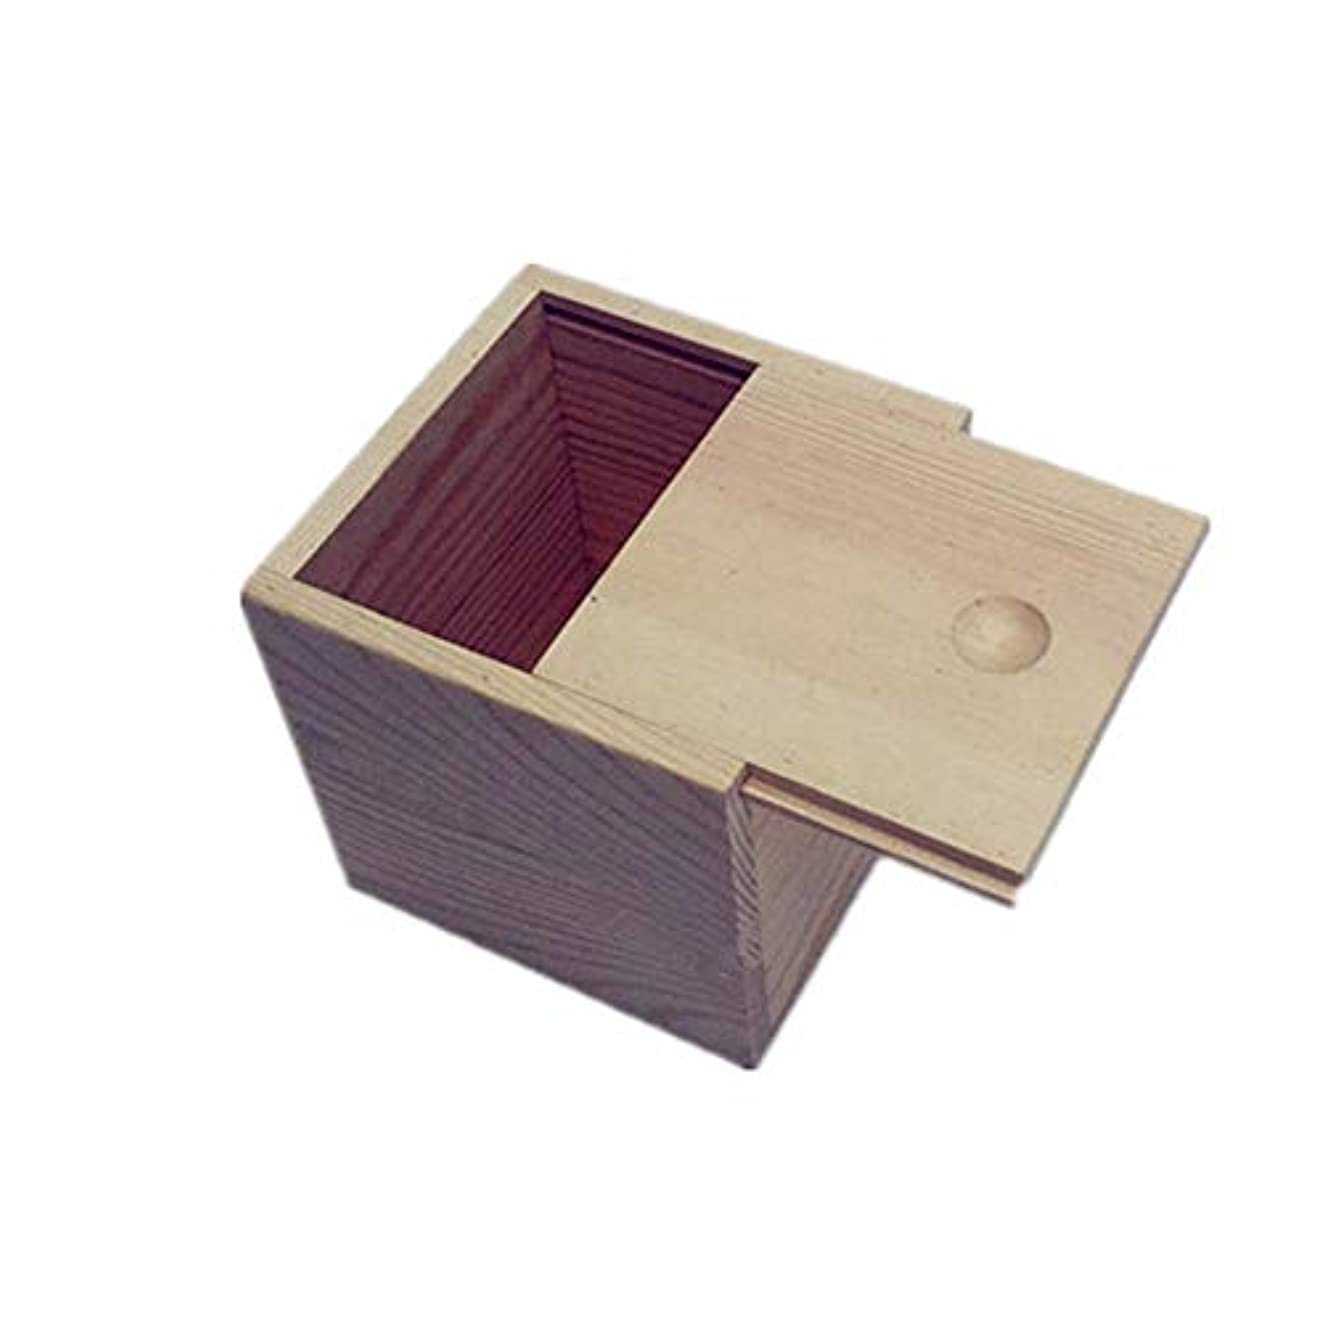 スピーカー給料ハックエッセンシャルオイル収納ボックス 木製のエッセンシャルオイルストレージボックス安全なスペースセーバー9x9x5cmあなたの油を維持するためのベスト (色 : Natural, サイズ : 9X9X5CM)